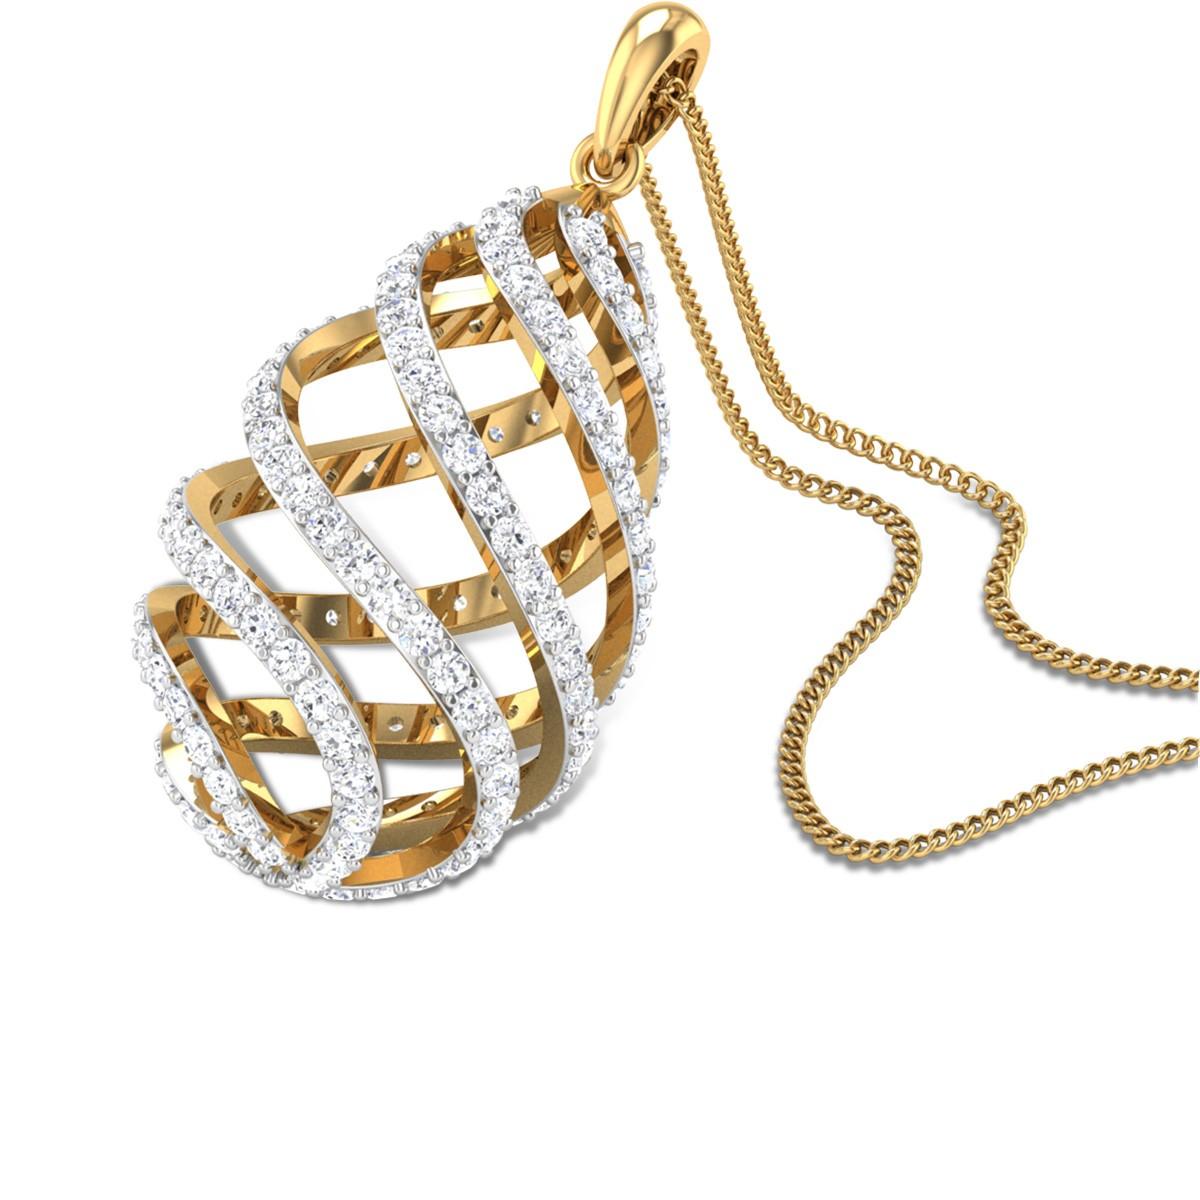 Bird's nest Diamond Pendant